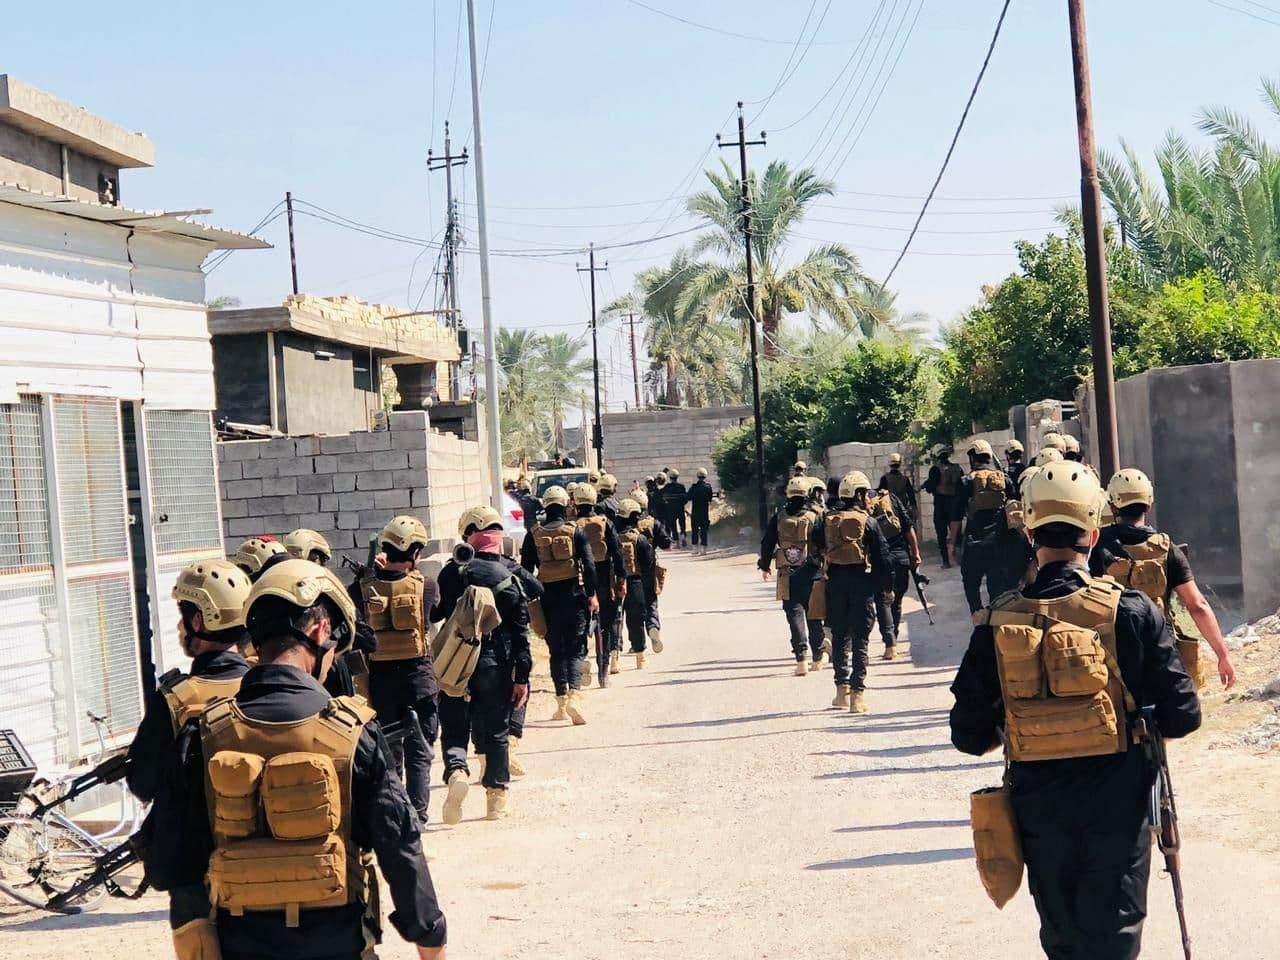 عملیات ویژه فرزندان «الطارمیه» در دروازههای شمالی پایتخت عراق/ جزئیات هلاکت ۵ فرمانده گروهک تروریستی داعش+ نقشه میدانی و عکس